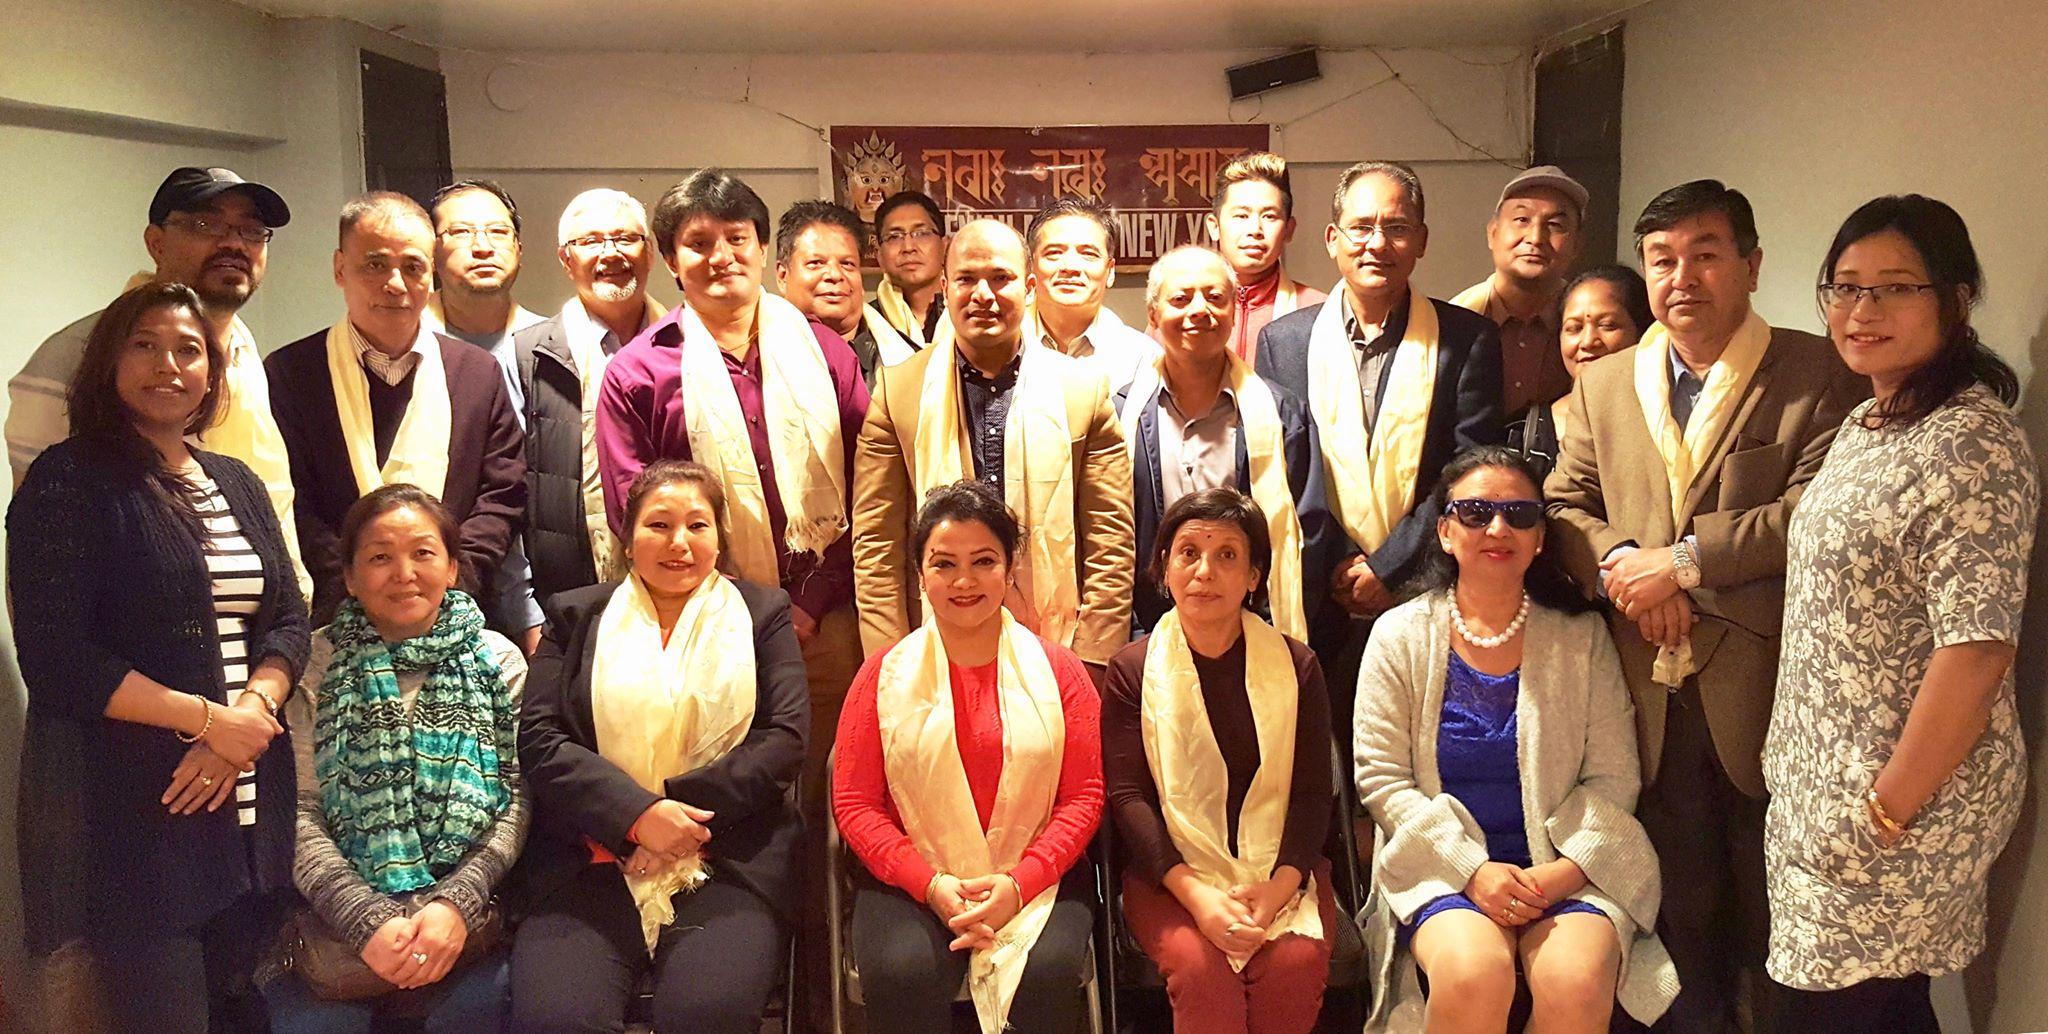 नेवा: नख: न्यूयोर्कको दोस्रो अधिवेशनबाट बिष्णुमान प्रधान निर्वाचित